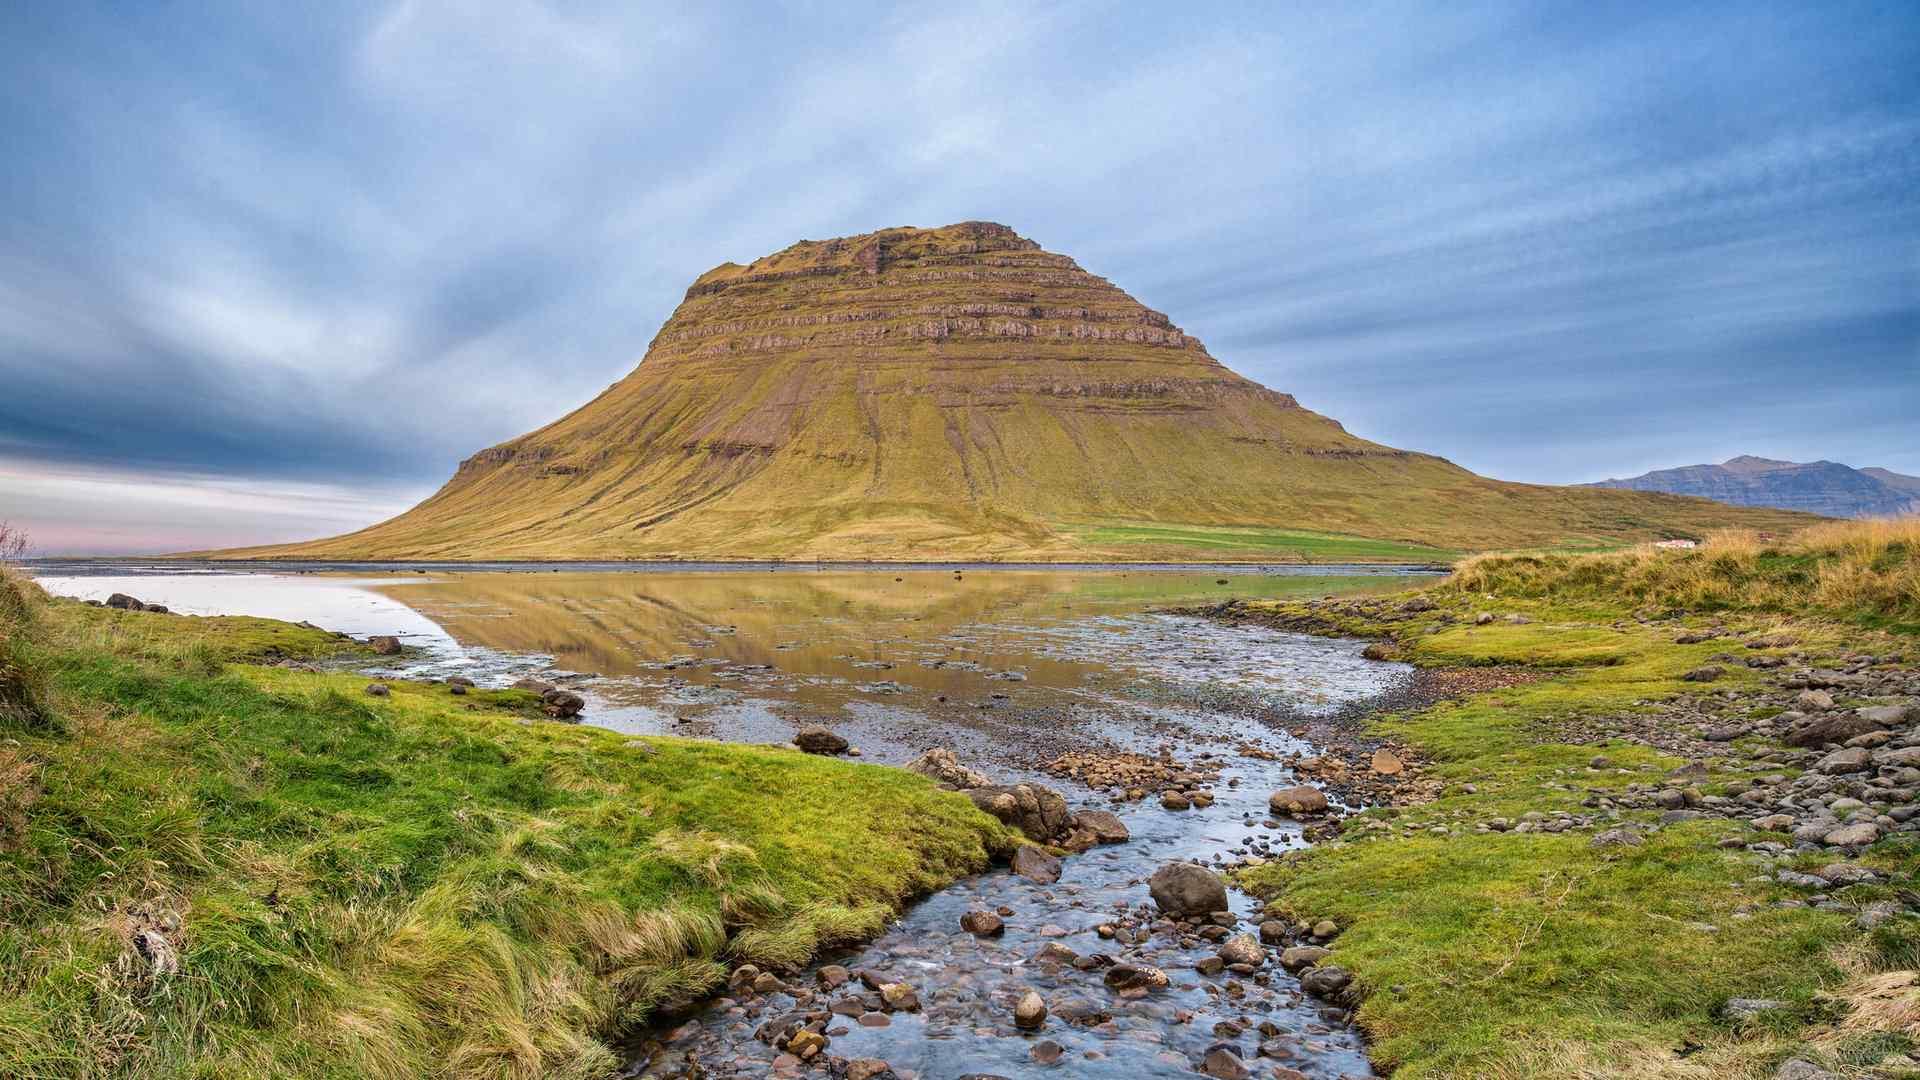 神奇的冰岛基尔丘山风景图片壁纸